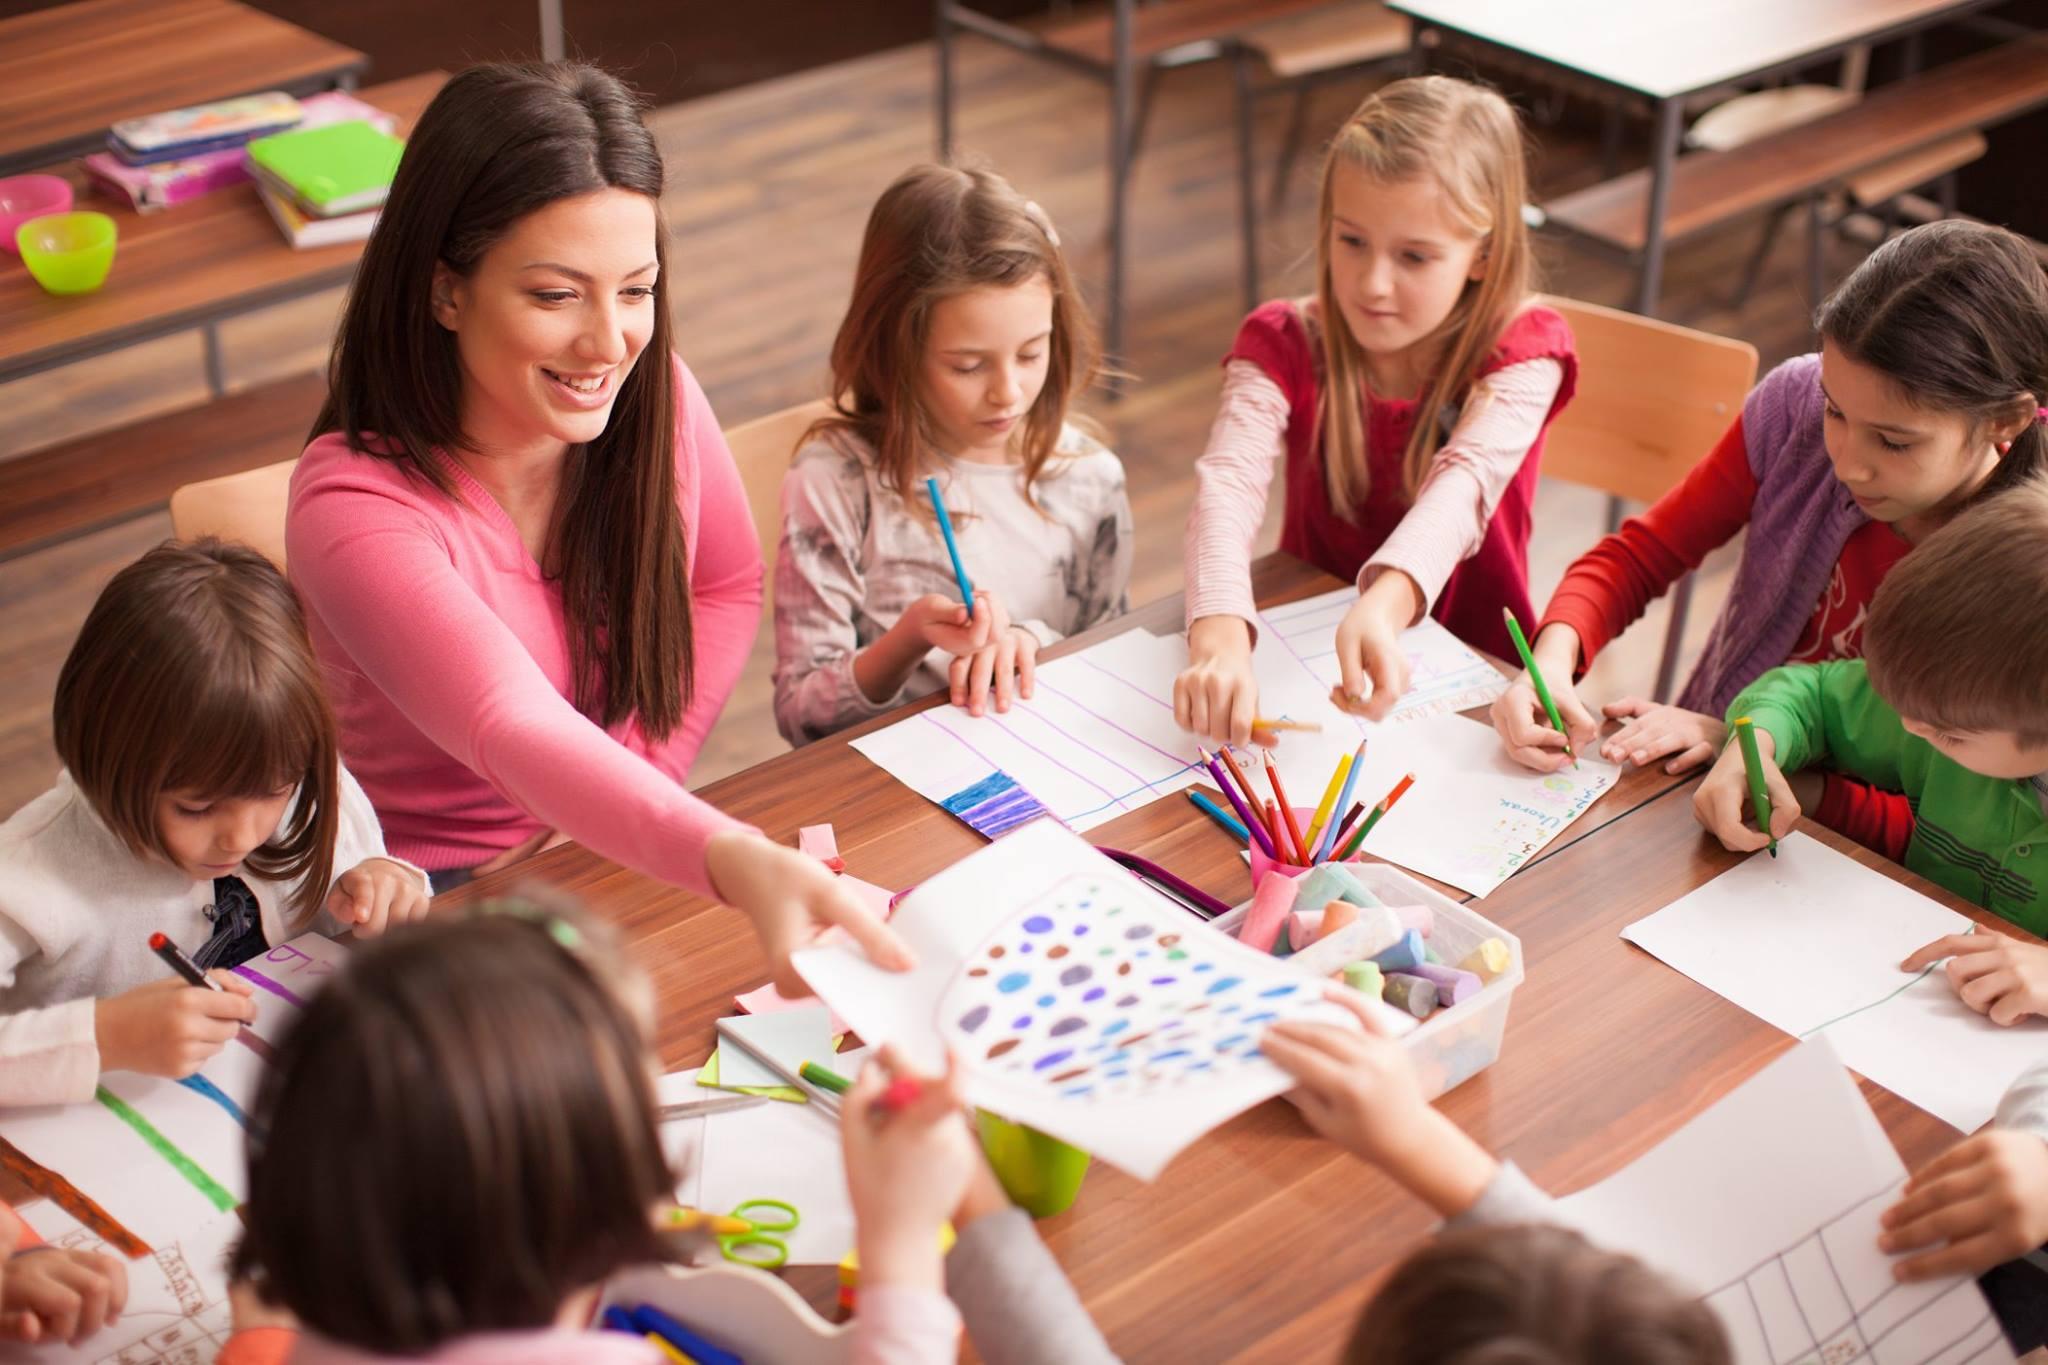 Οργάνωση και Λειτουργία των Σχολείων Δεύτερης Ευκαιρίας (ΣΔΕ)